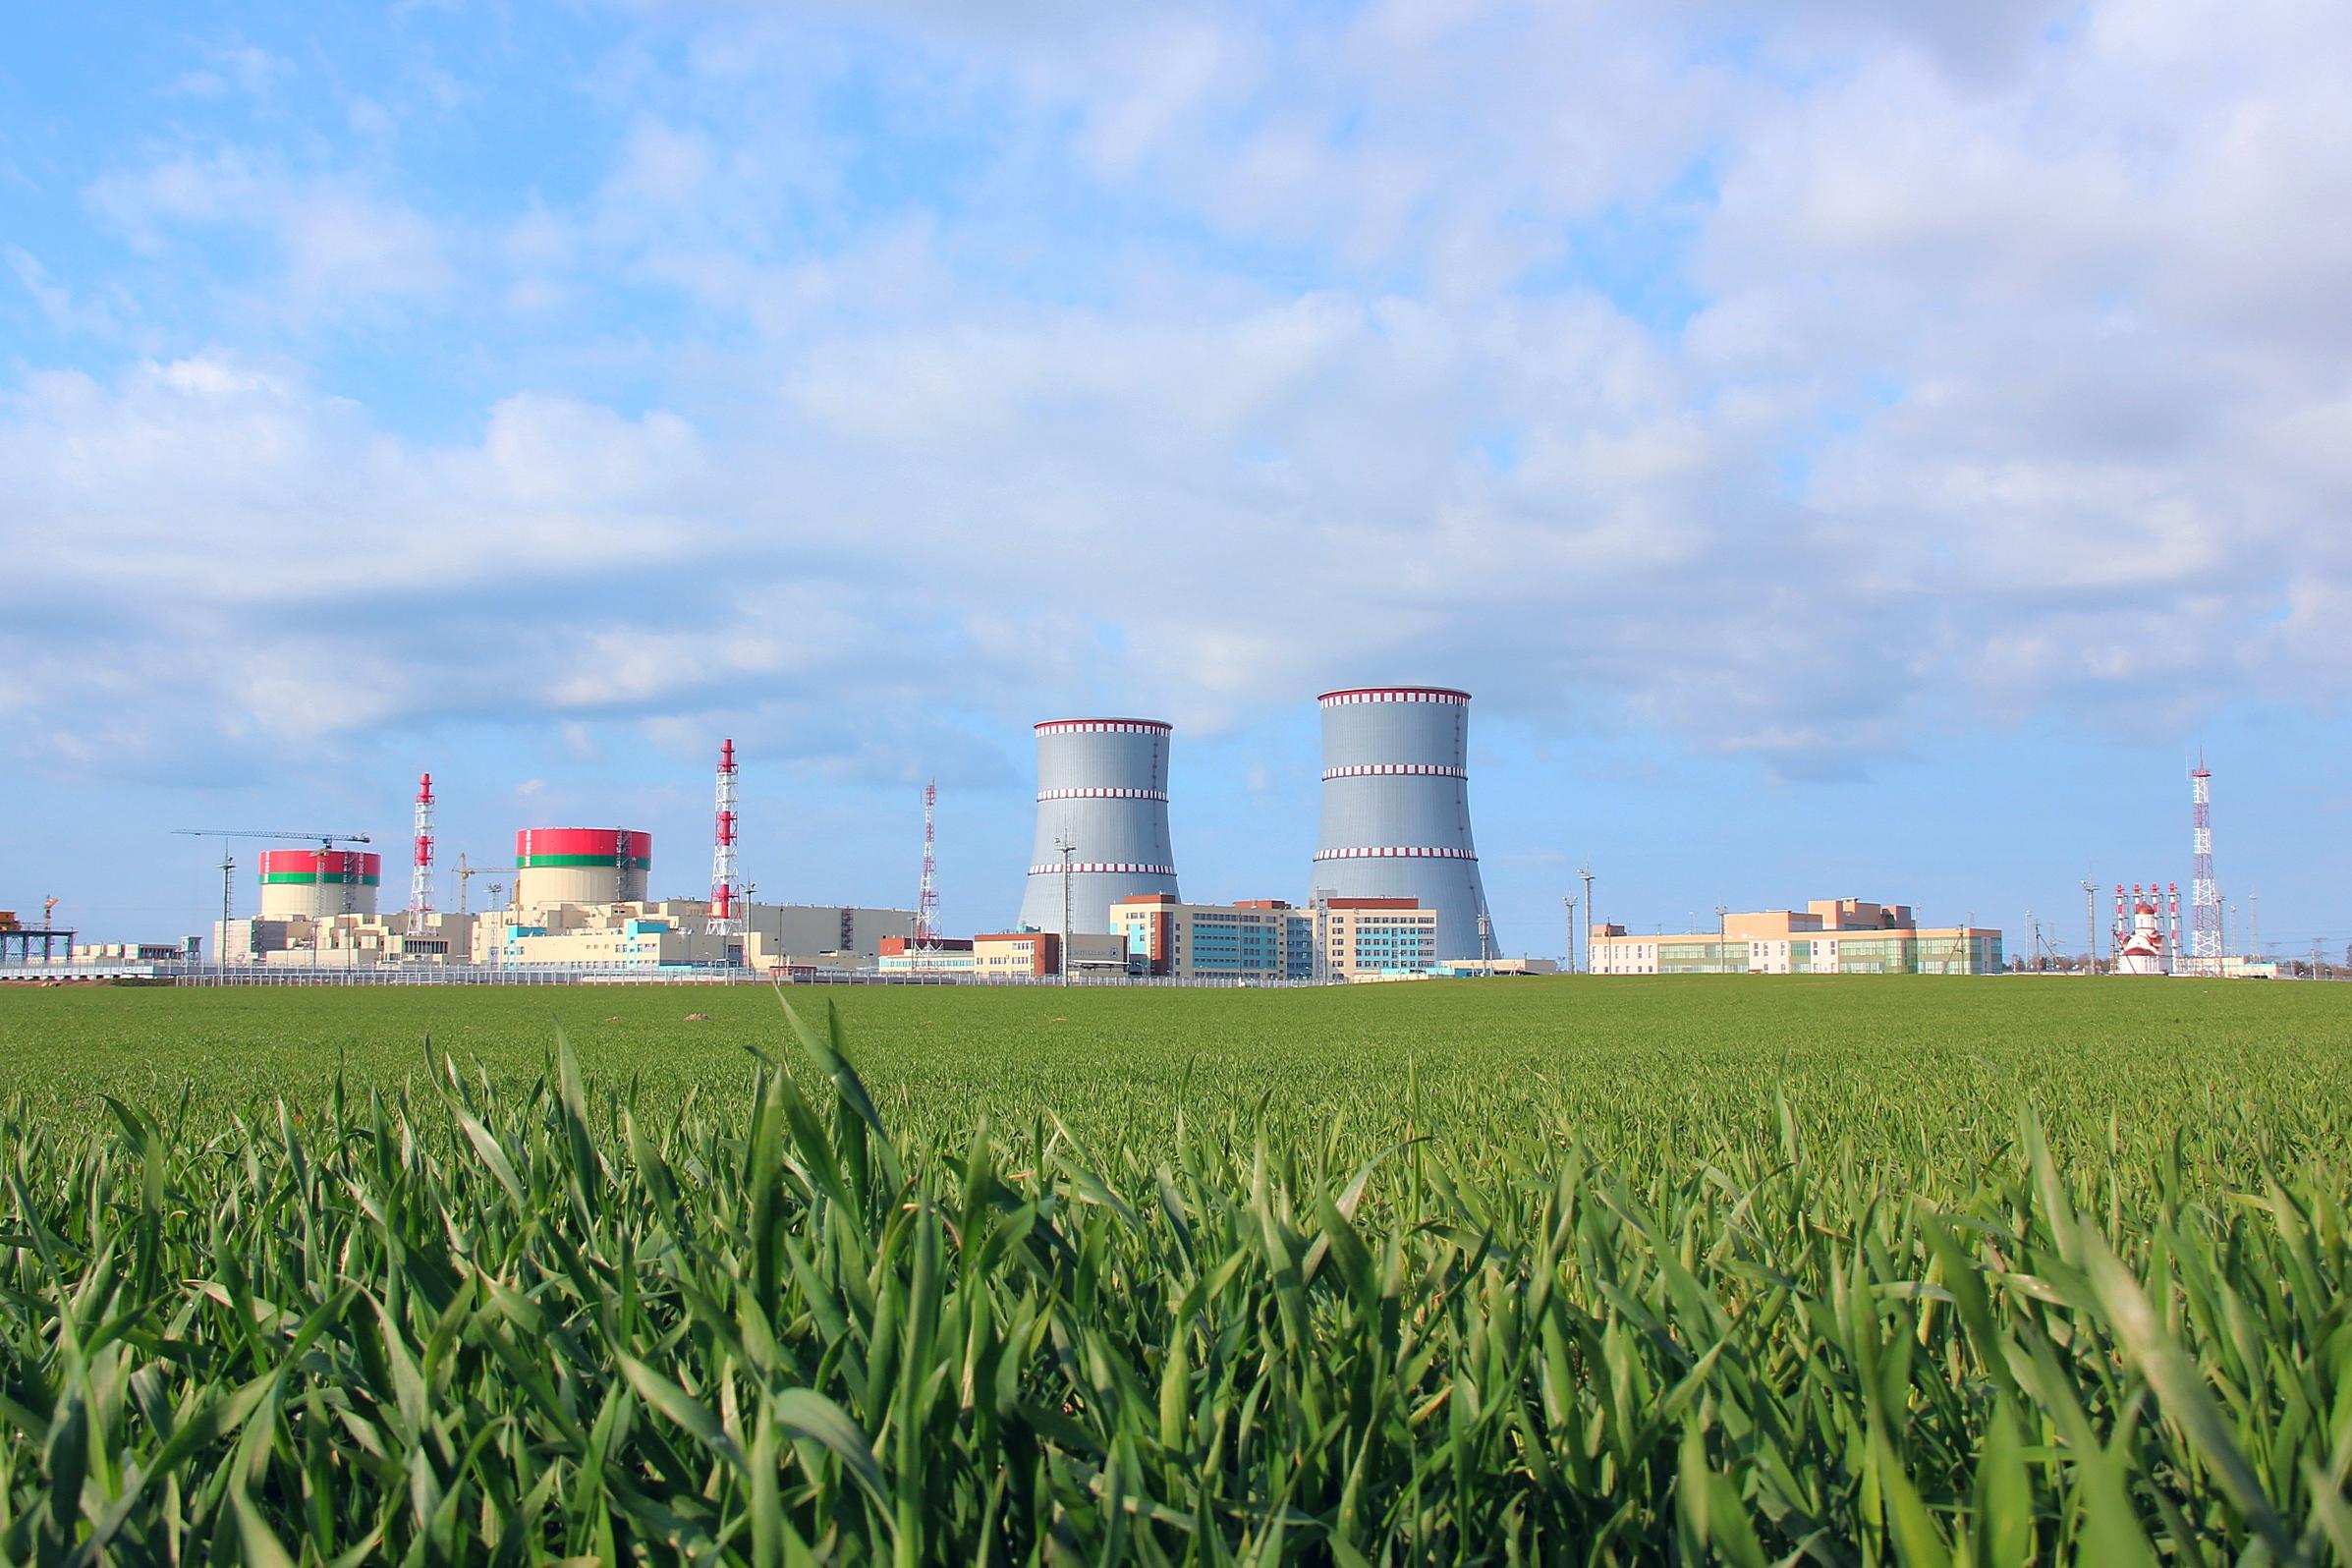 jaderná energie - První blok Běloruské JE dosáhl minimálního kontrolovaného výkonu - Nové bloky ve světě (Běloruská jaderná elektrárna s dvěma bloky VVER 1200) 3